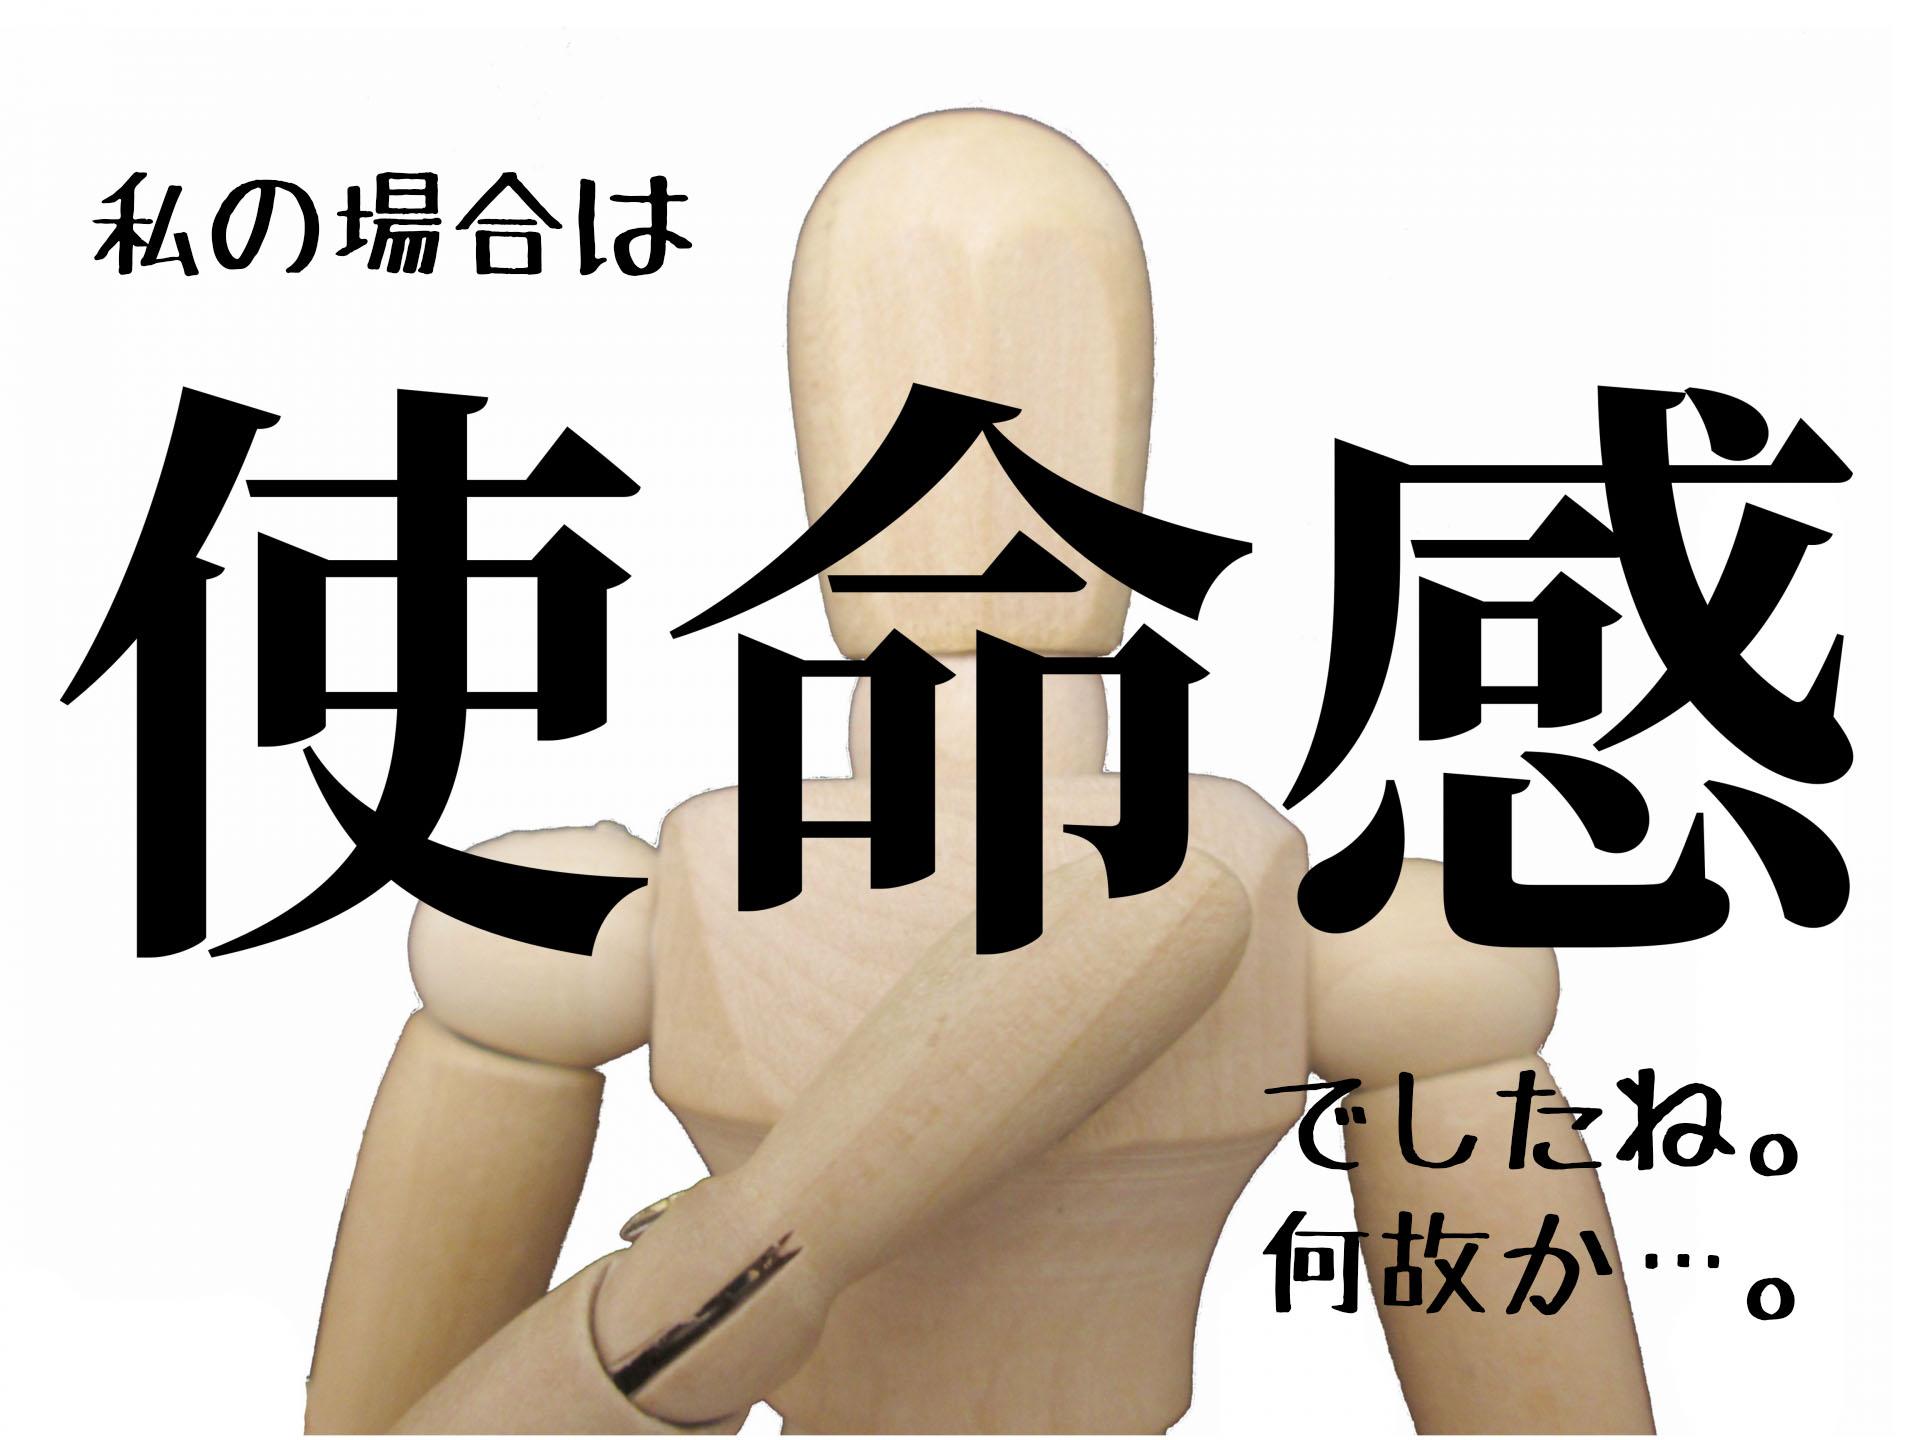 同人誌を始めるきっかけ!大阪の同人印刷所があなたのスタートの助けとなります!